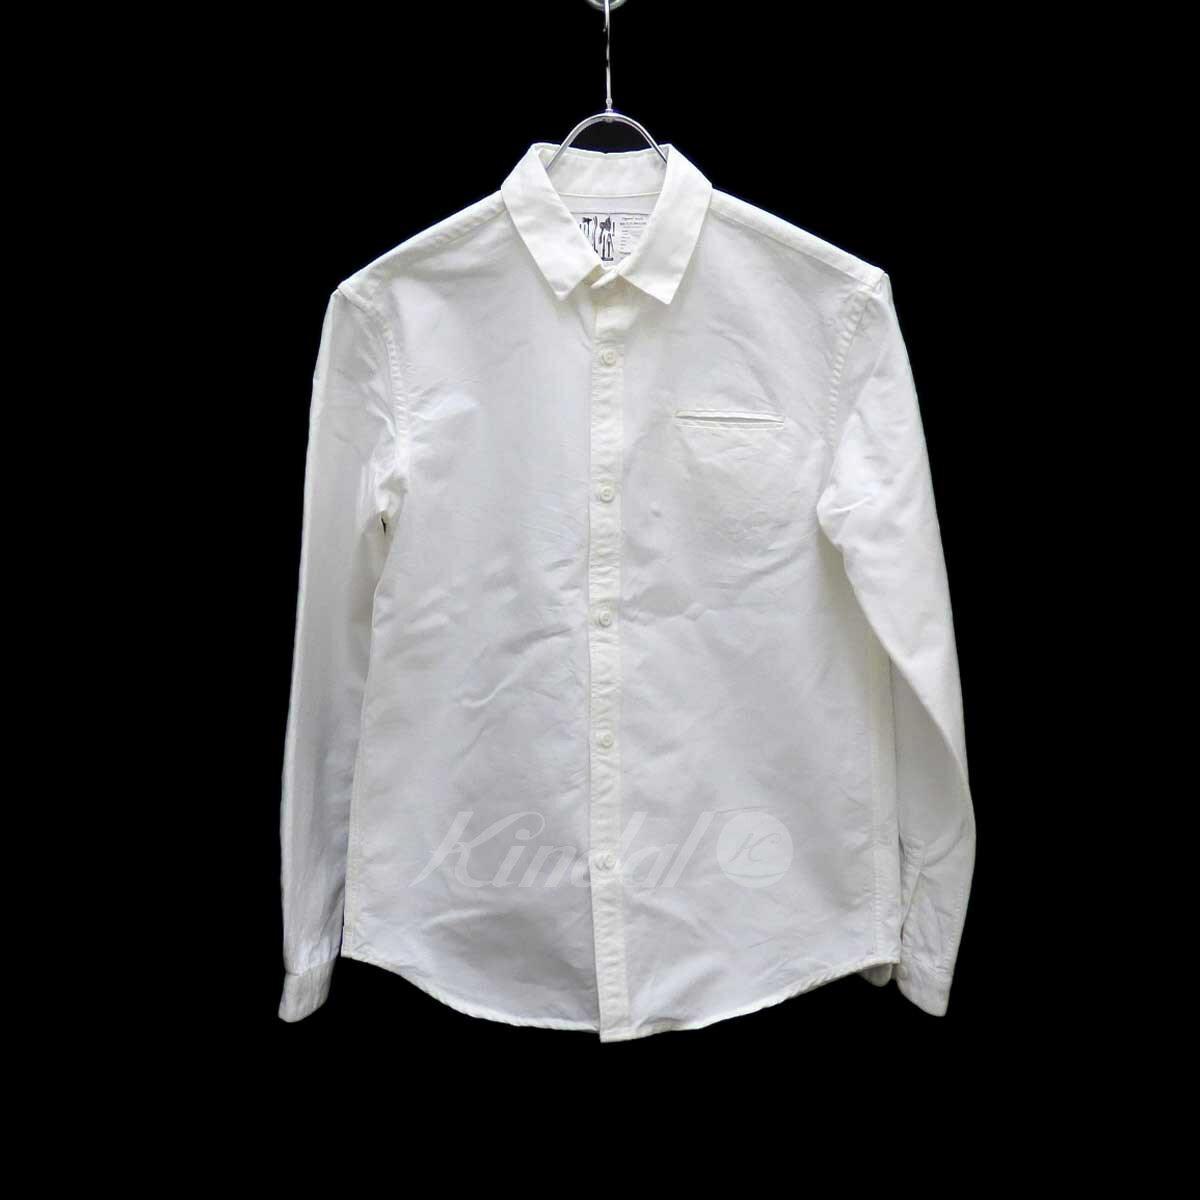 【中古】DIGAWEL4 スタンダードシャツ ホワイト サイズ:M 【080218】(ディガウェル4)